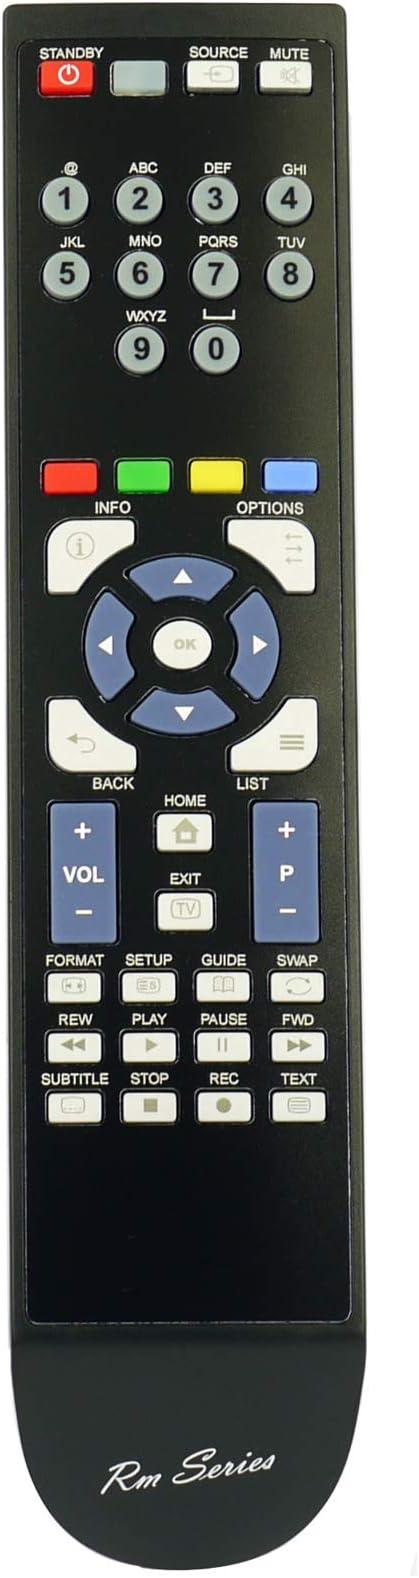 Telecomando per Philips 32PFL350798 32PFL3507H 32PFL3507H//12 32PFL3507H//60 Nuovo